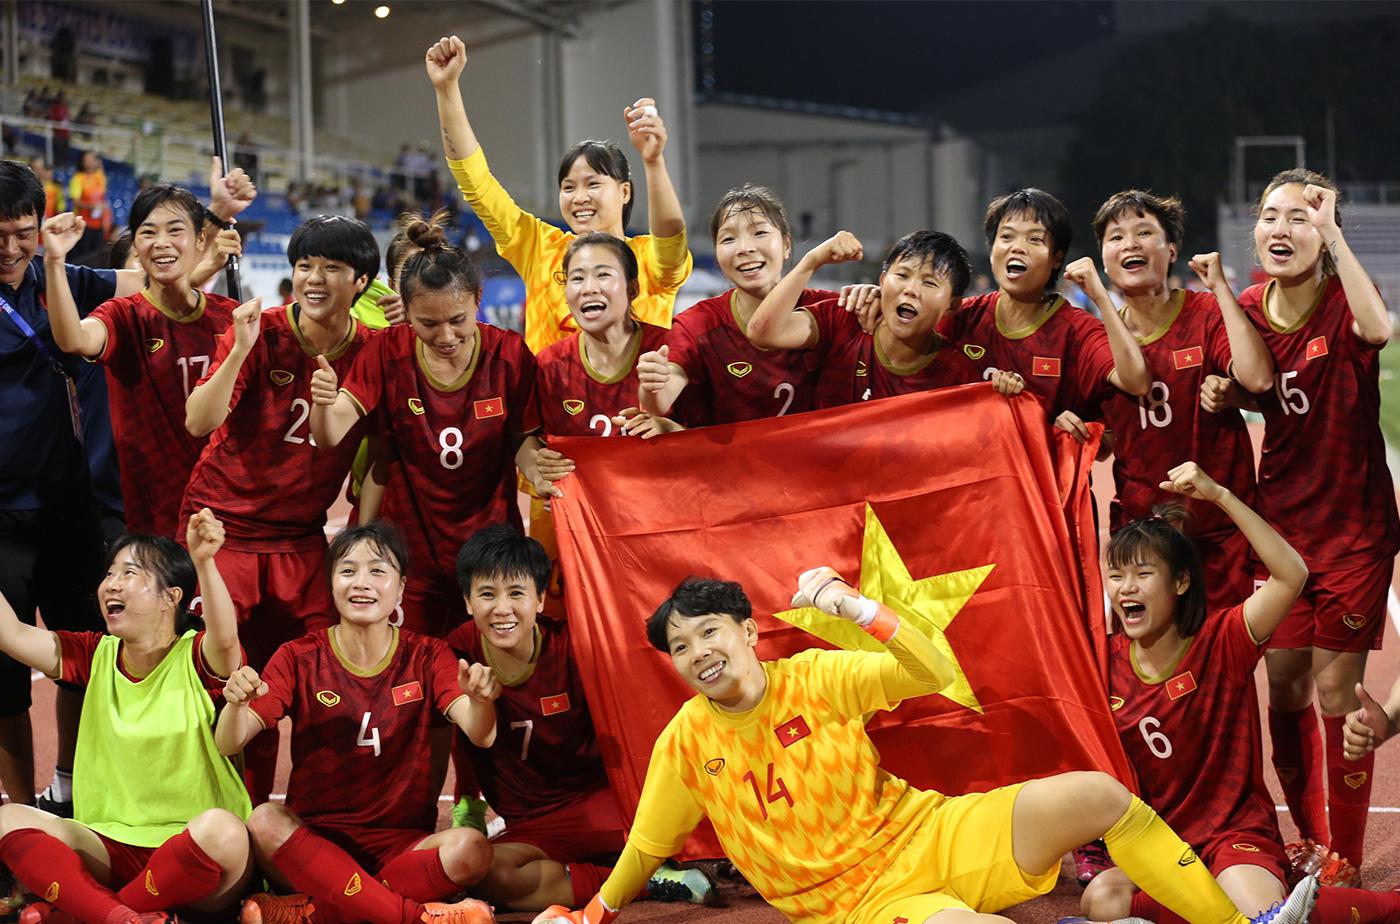 Bóng đá Việt Nam 2020: Quyết tâm giữ ngai Vàng Đông Nam Á và bơi ra biển lớn - Ảnh 11.